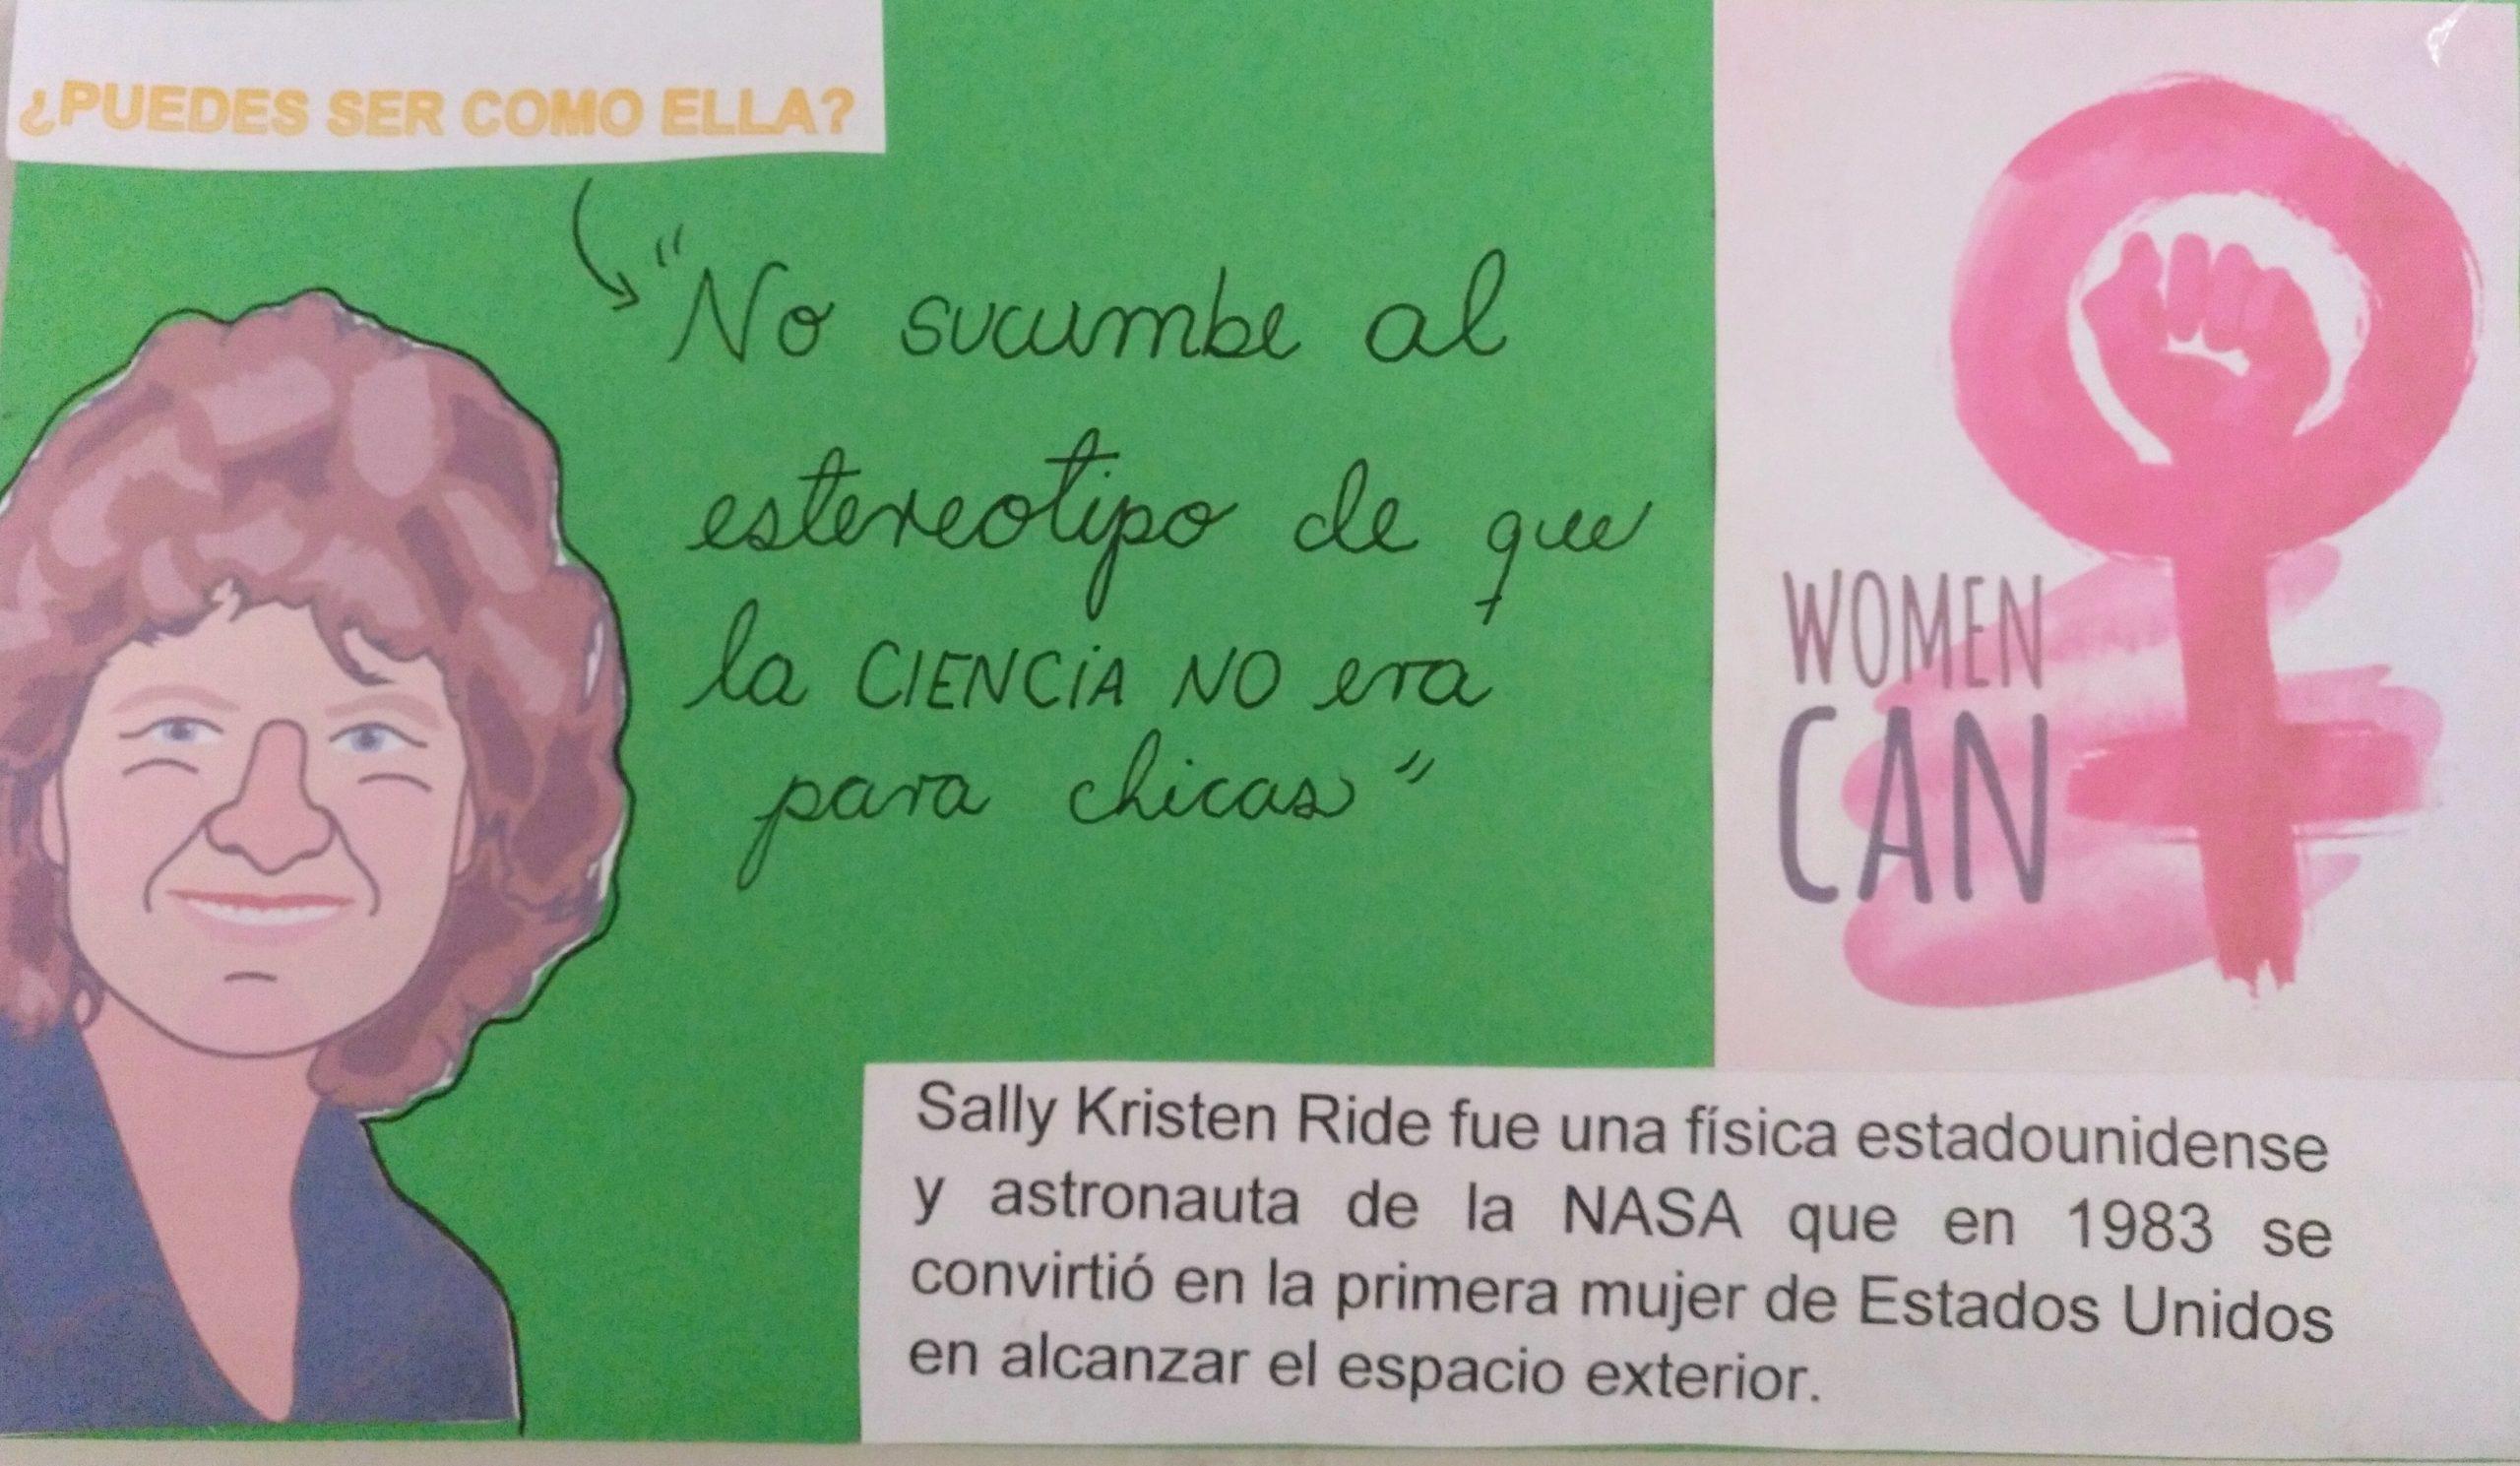 11 de Febrero: Día de la Mujer y la Niña en la Ciencia